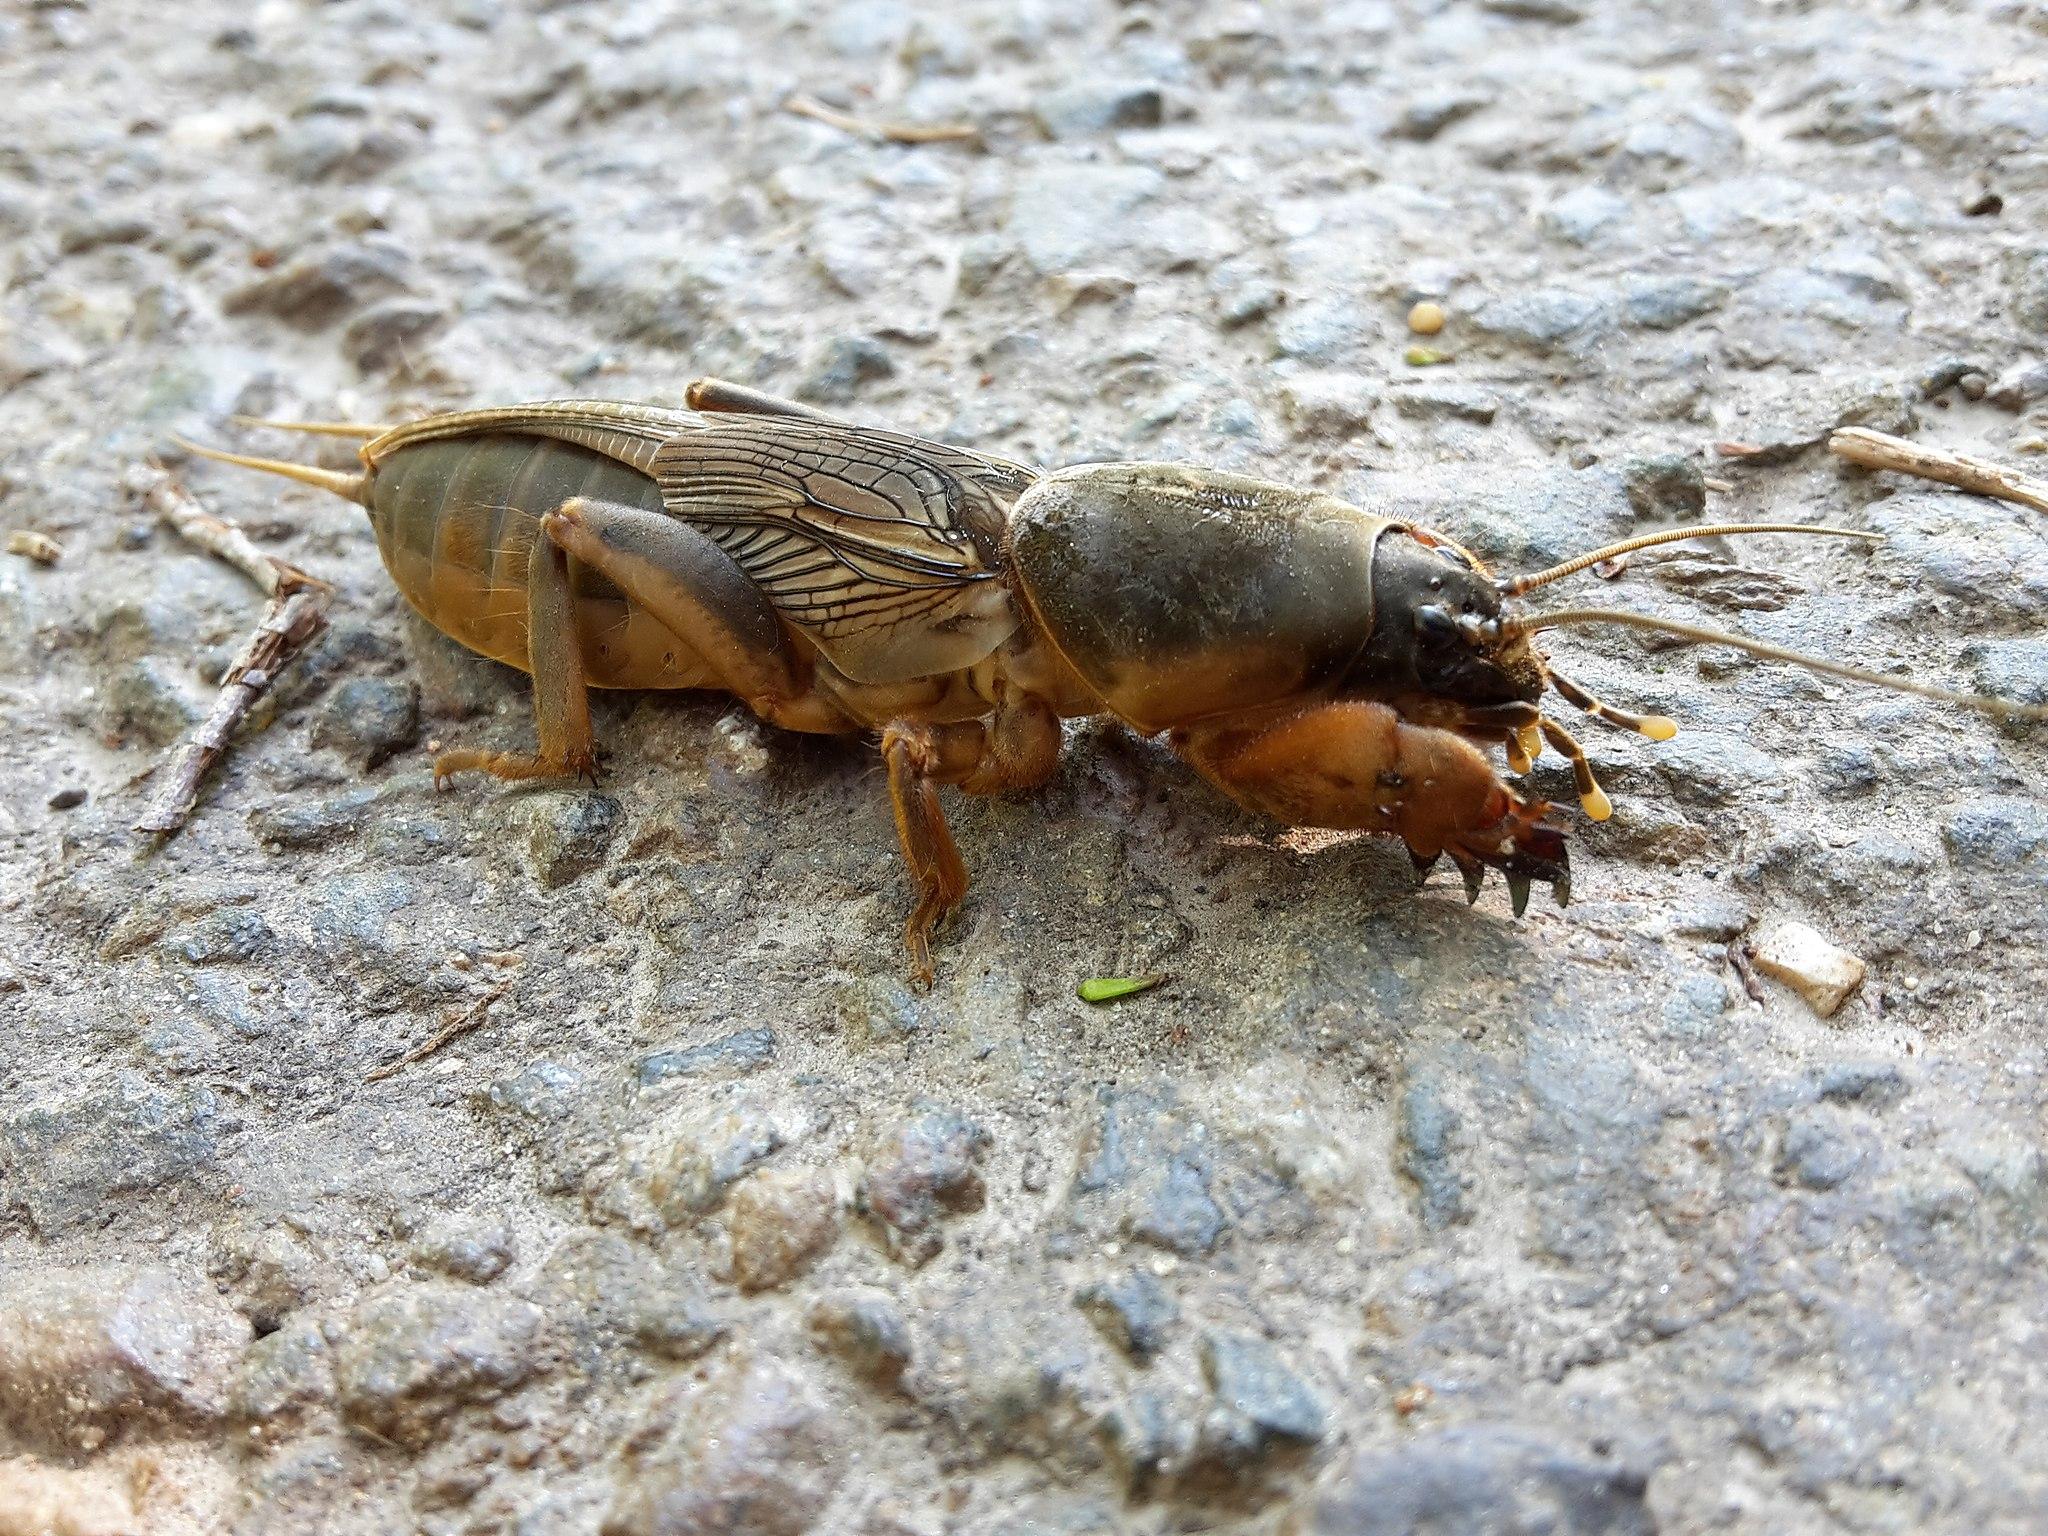 Turkuć podjadek, Gryllotalpa gryllotalpa, co to za owad, duży polski owad, żyje pod ziemią, animalistka.pl, animalistka, blog o dzikich zwierzętach, blog o zwierzętach